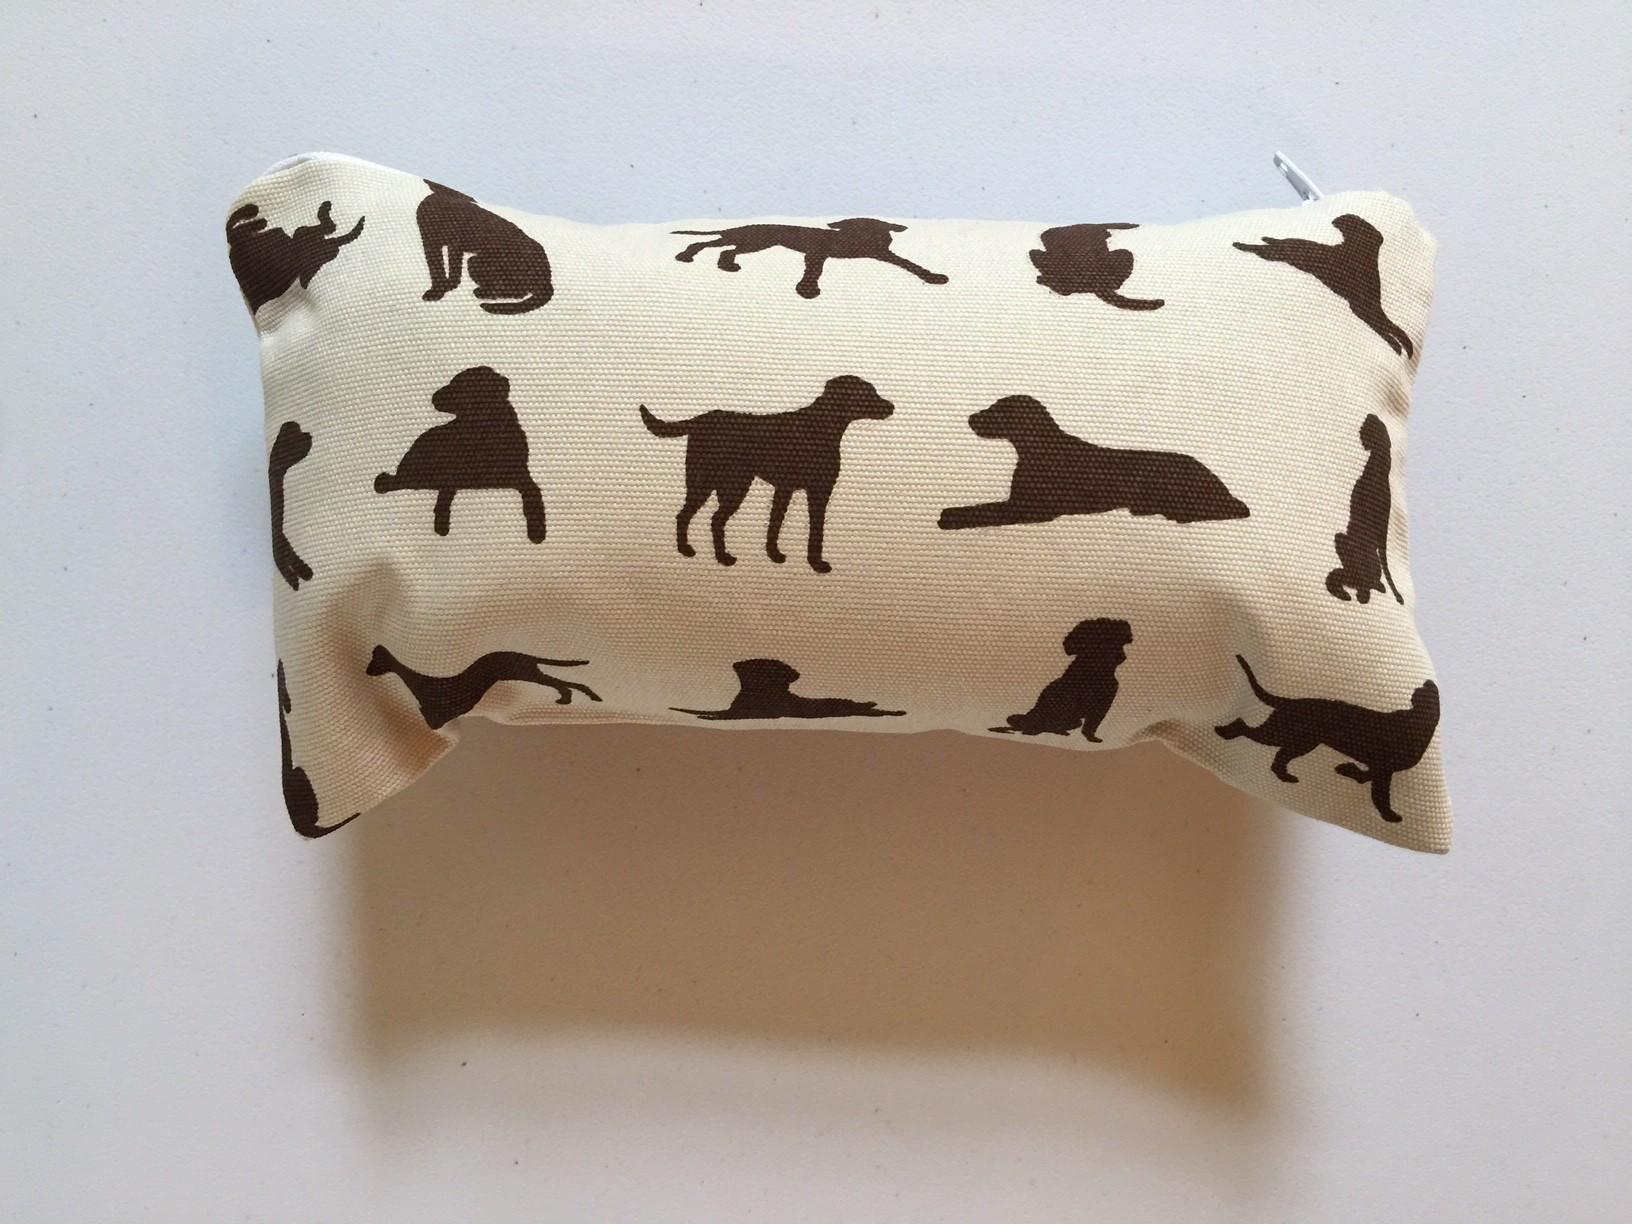 Small bag - Chocolate Labrador design